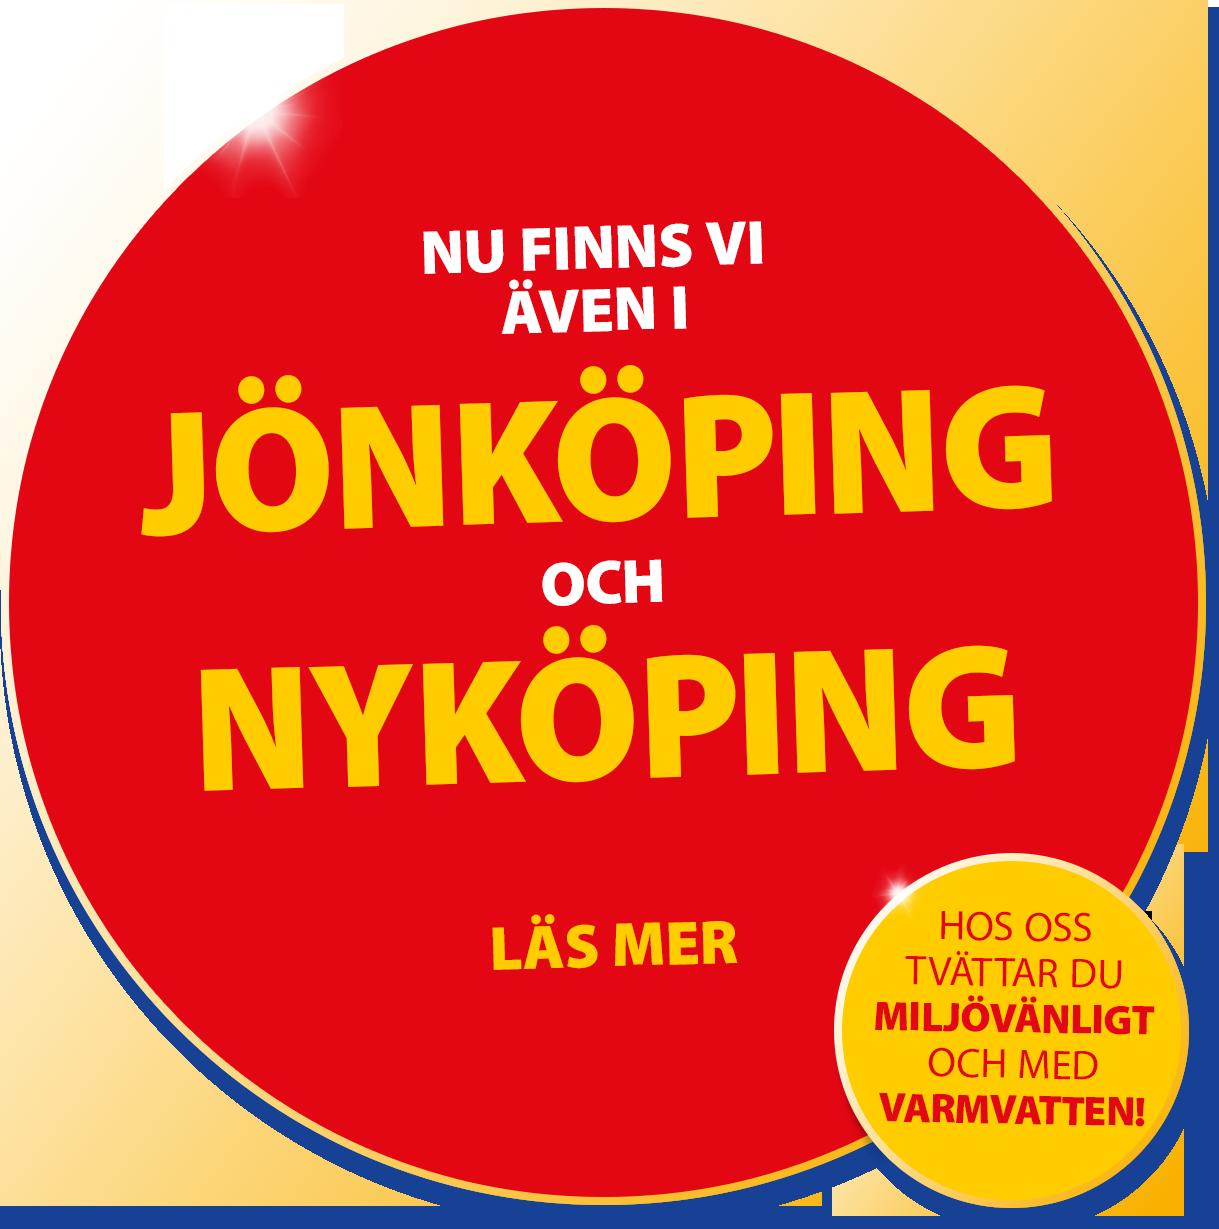 Nu finns vi även i Nyköping och Jönköping